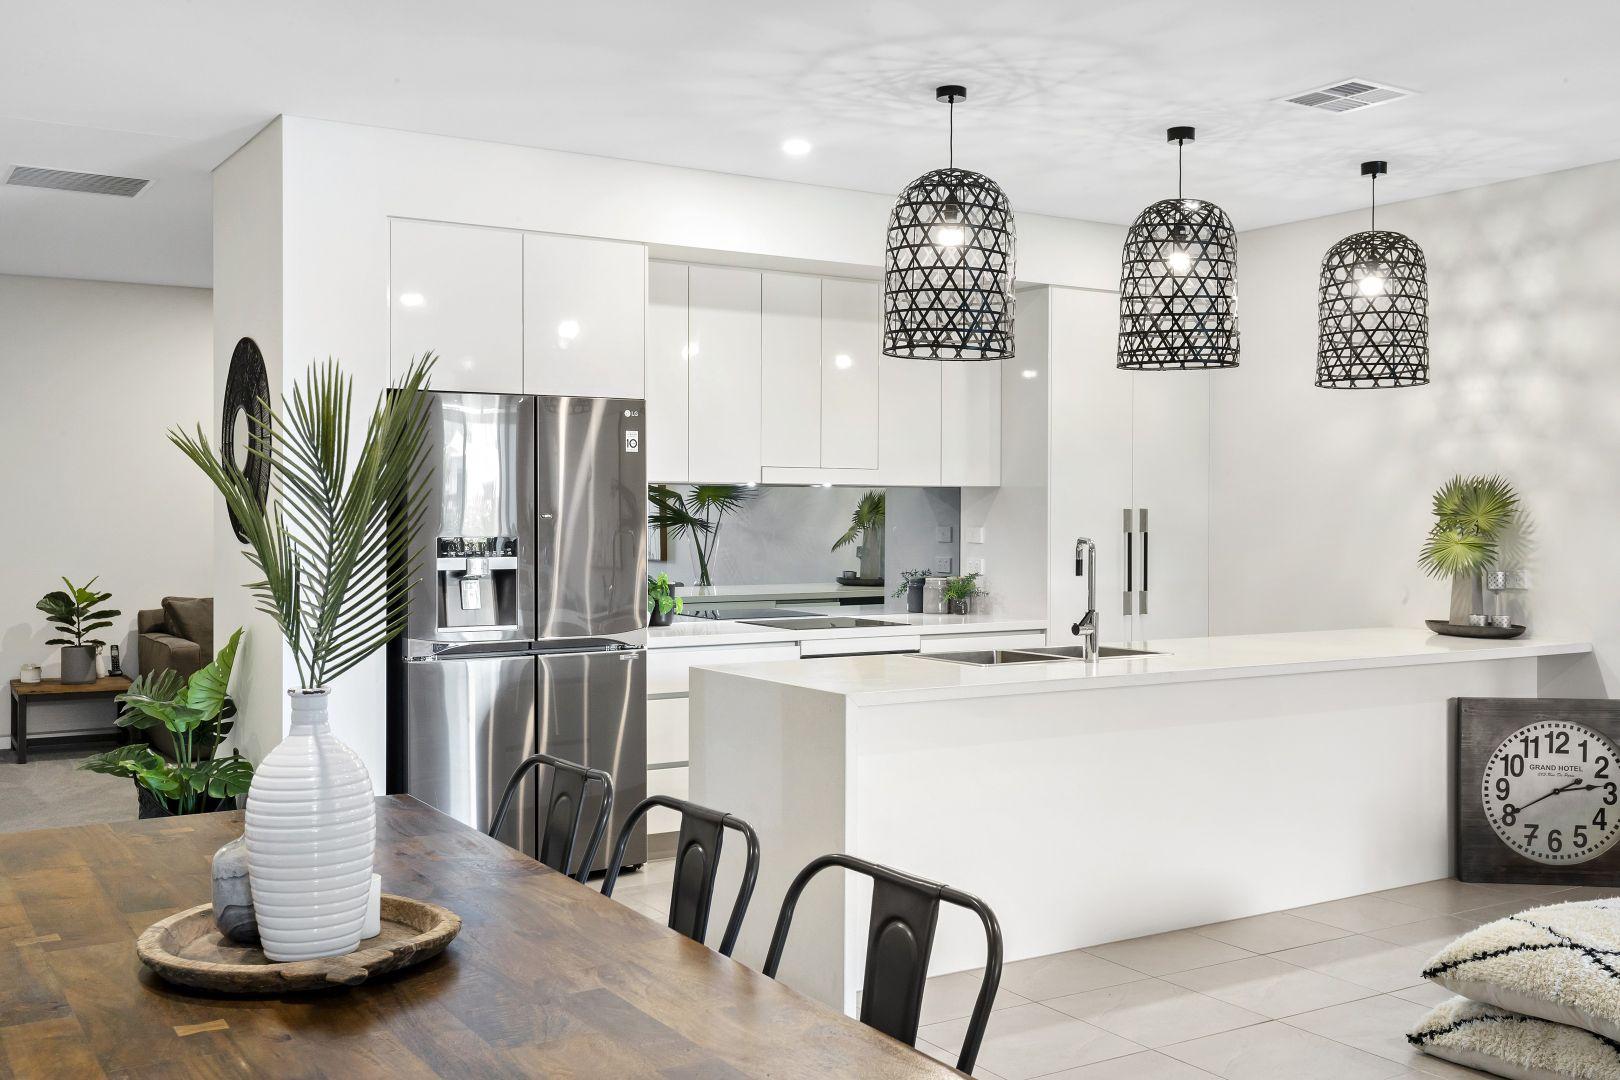 115/113 Landsborough Avenue, Scarborough QLD 4020, Image 1